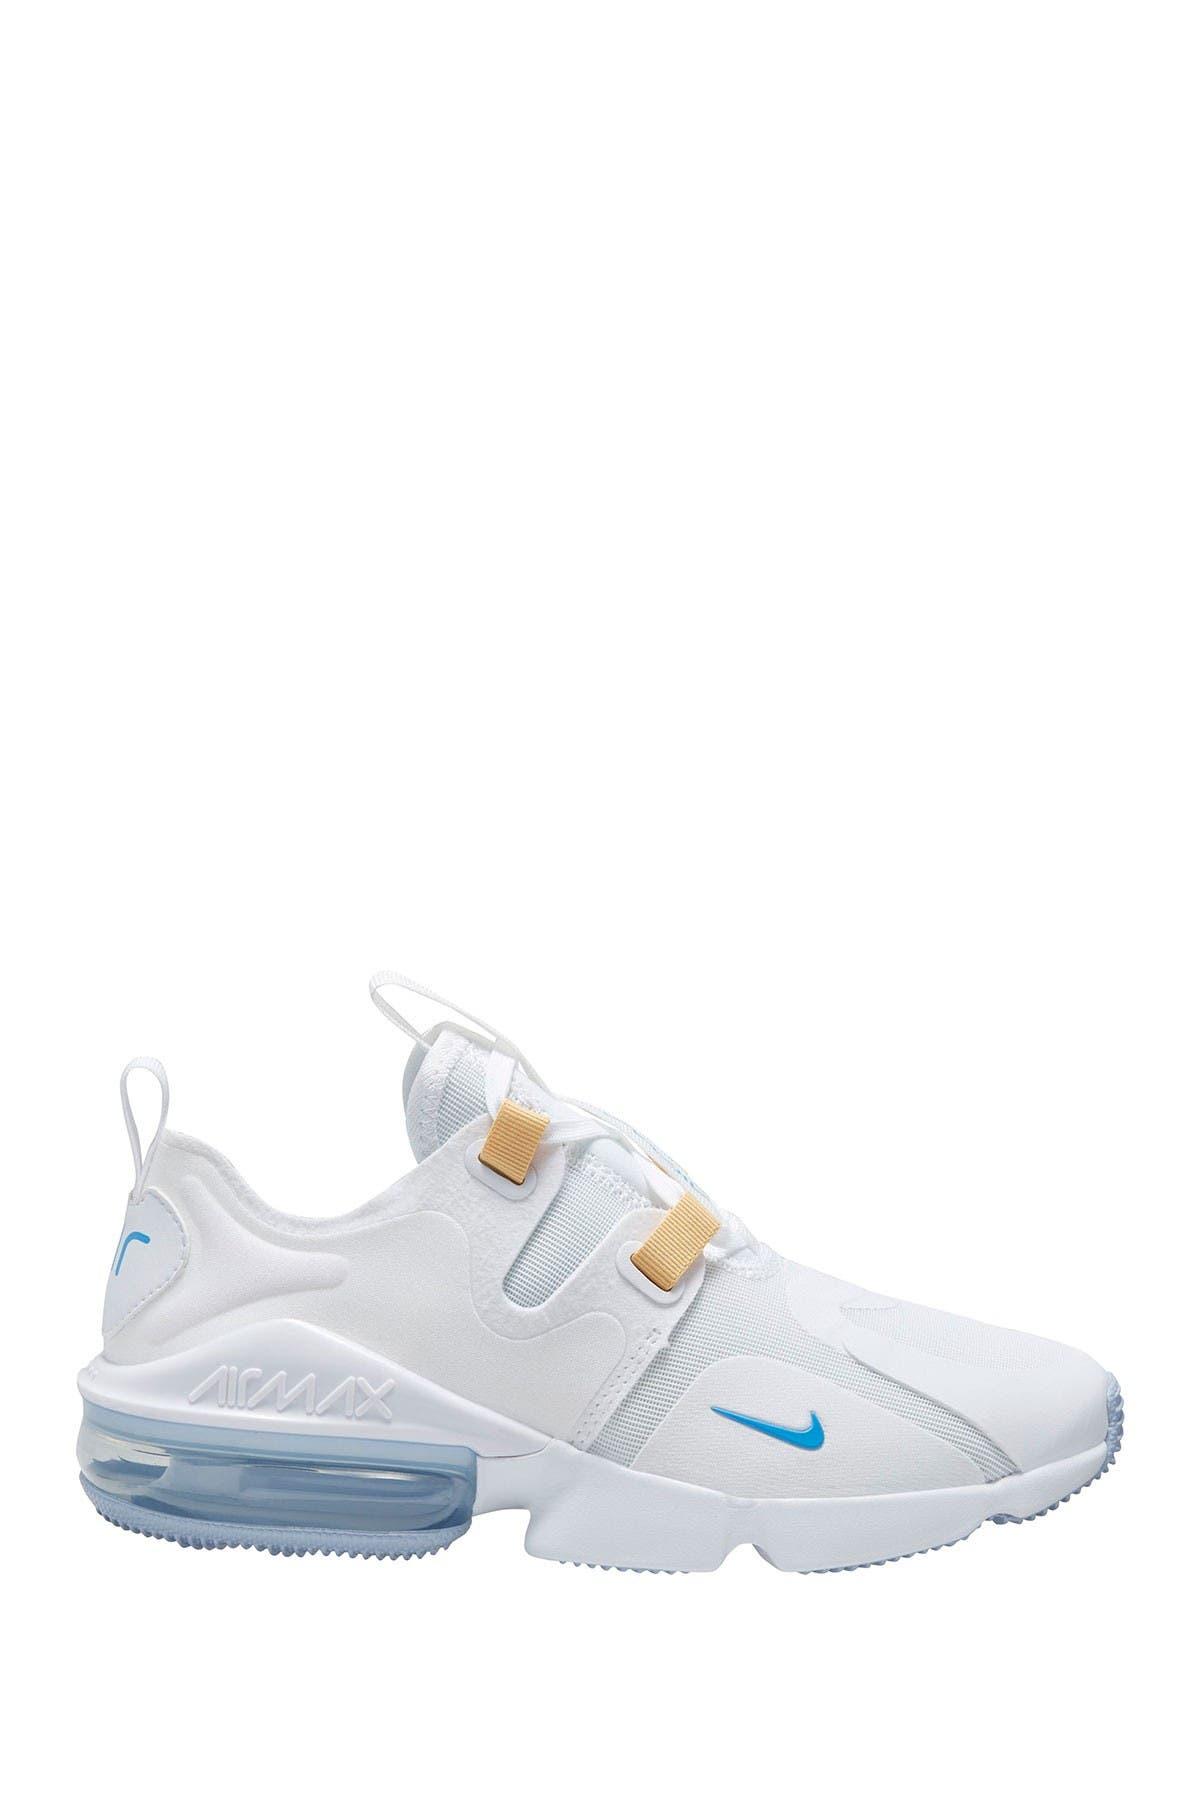 Nike | Air Max Infinity Sneaker